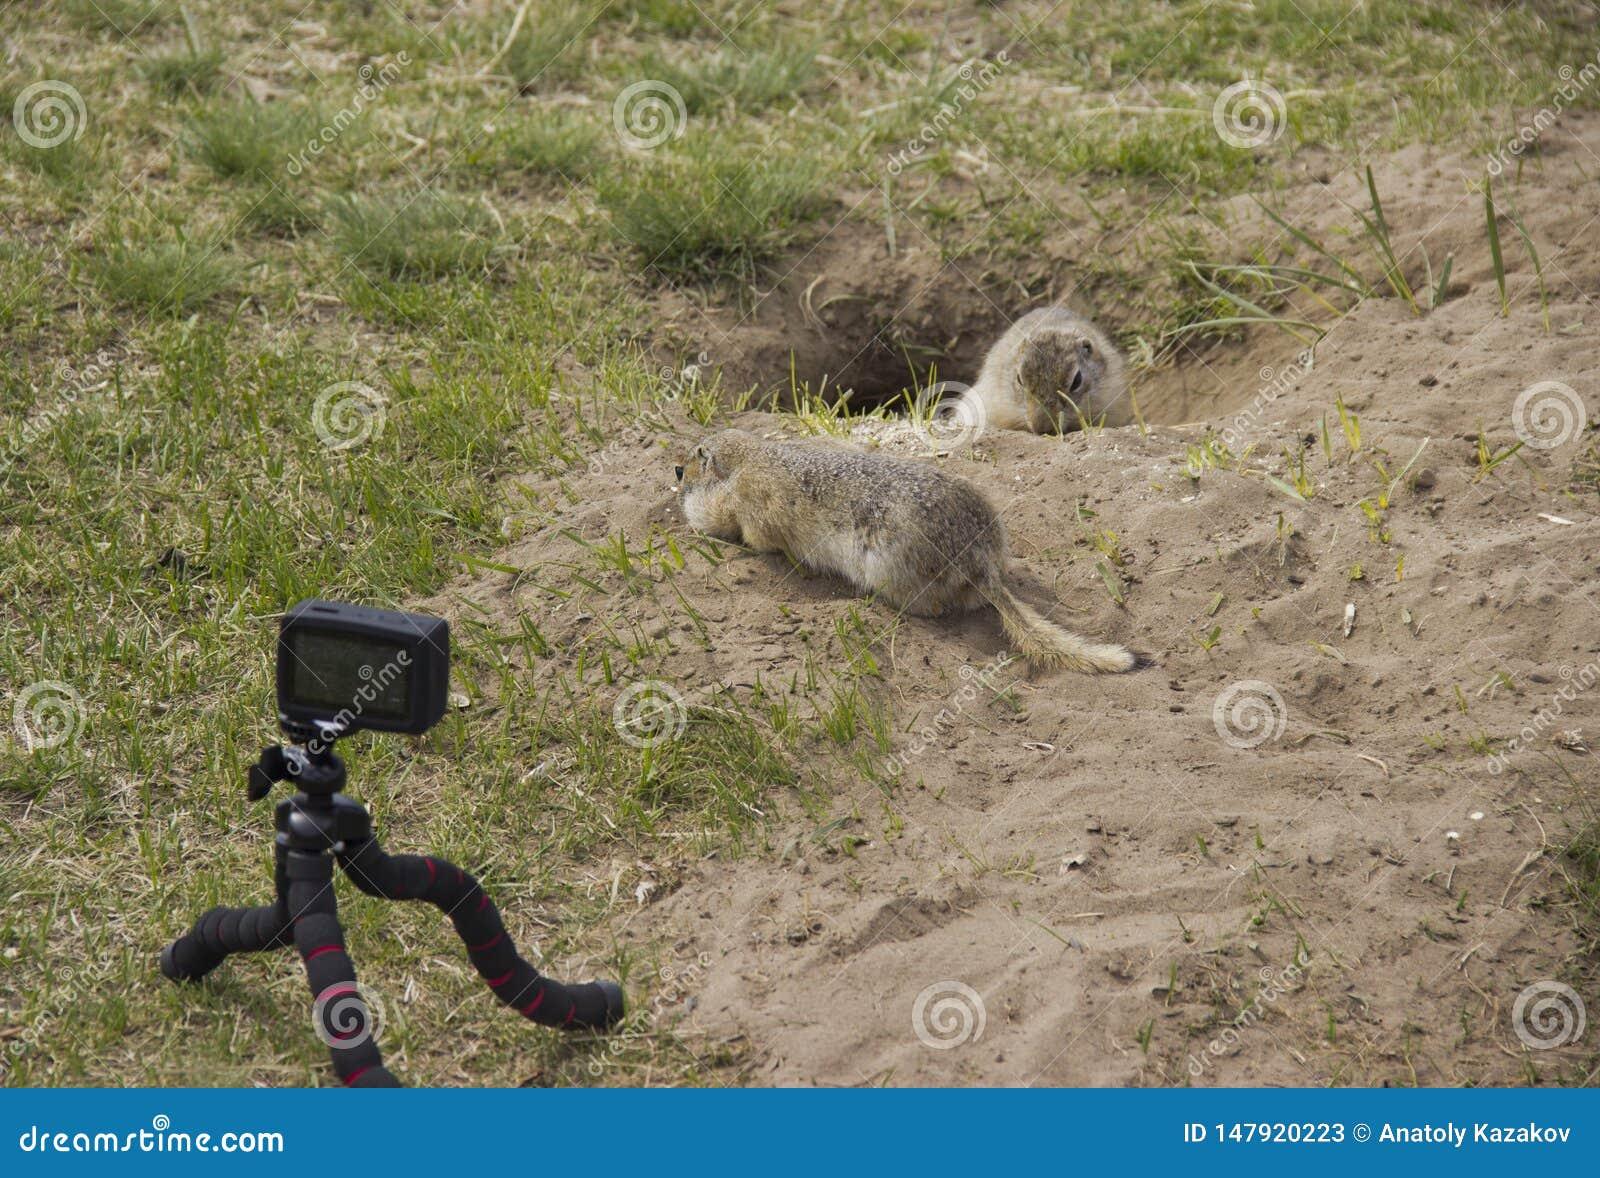 Wir entfernen den Gopher auf einer Videokamera